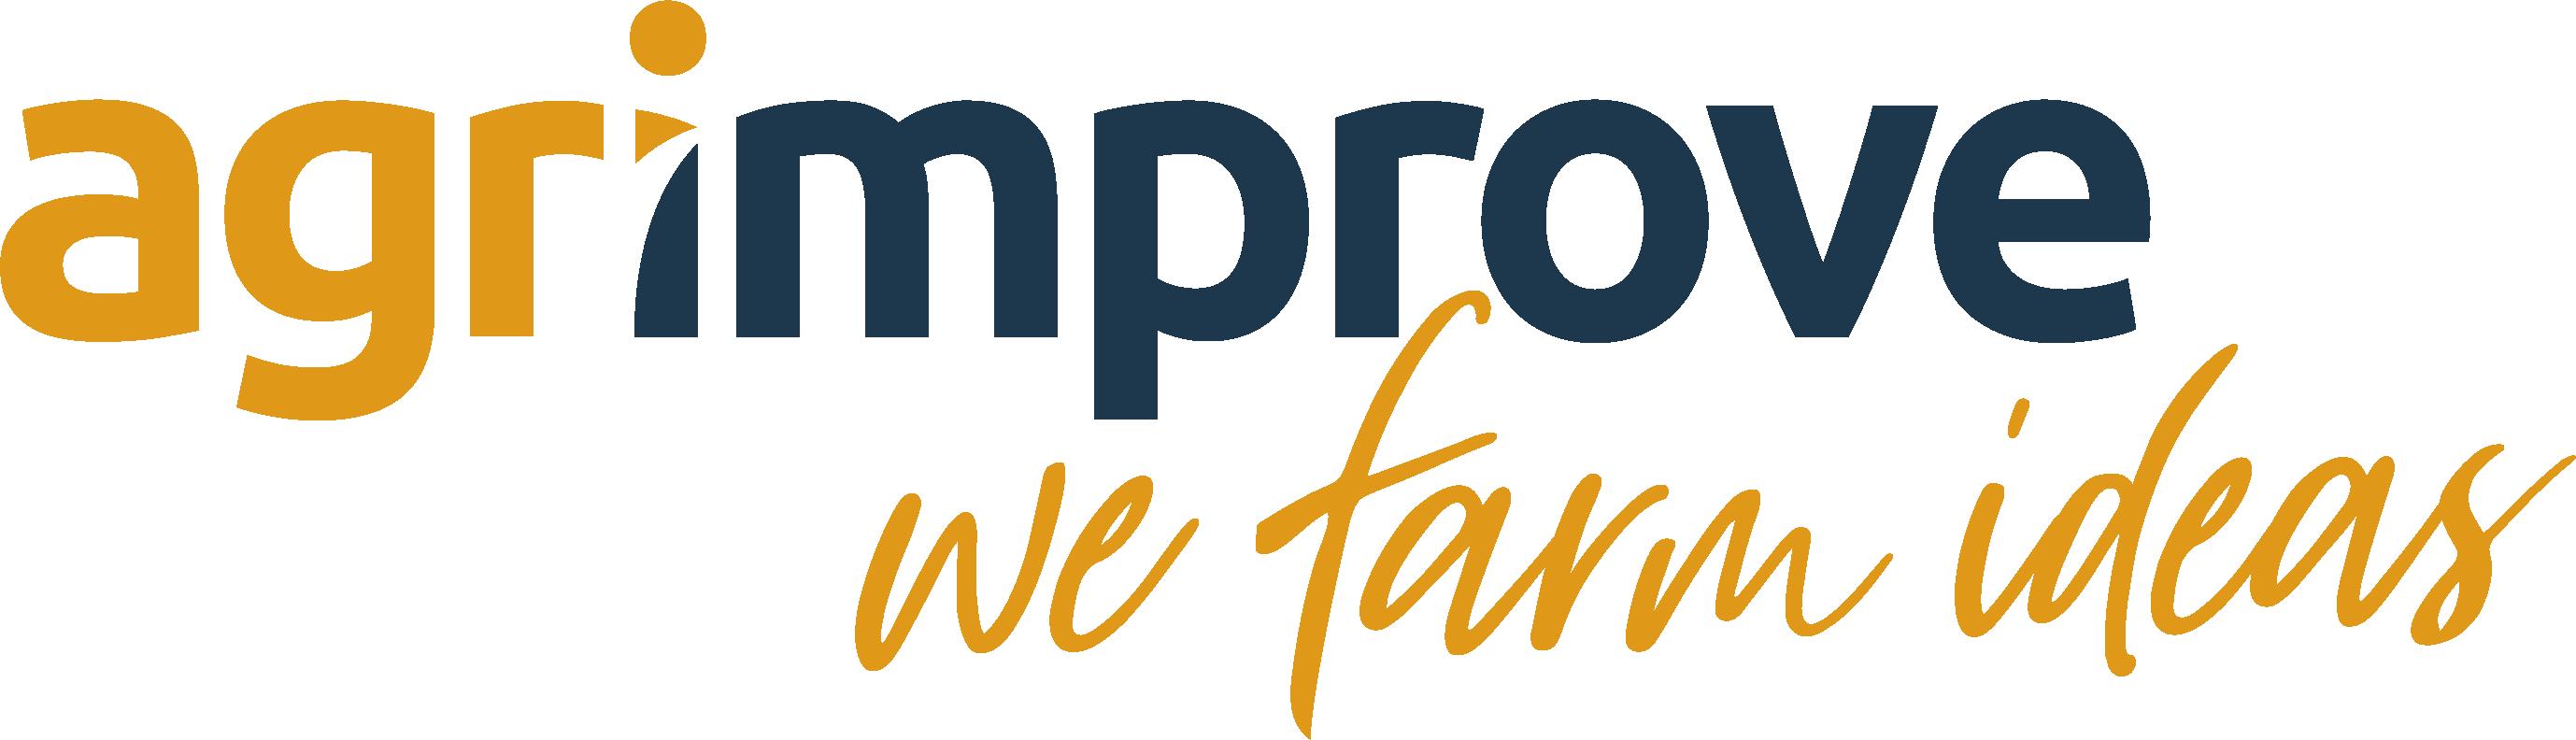 Agrimprove logo2 CMYK (1)